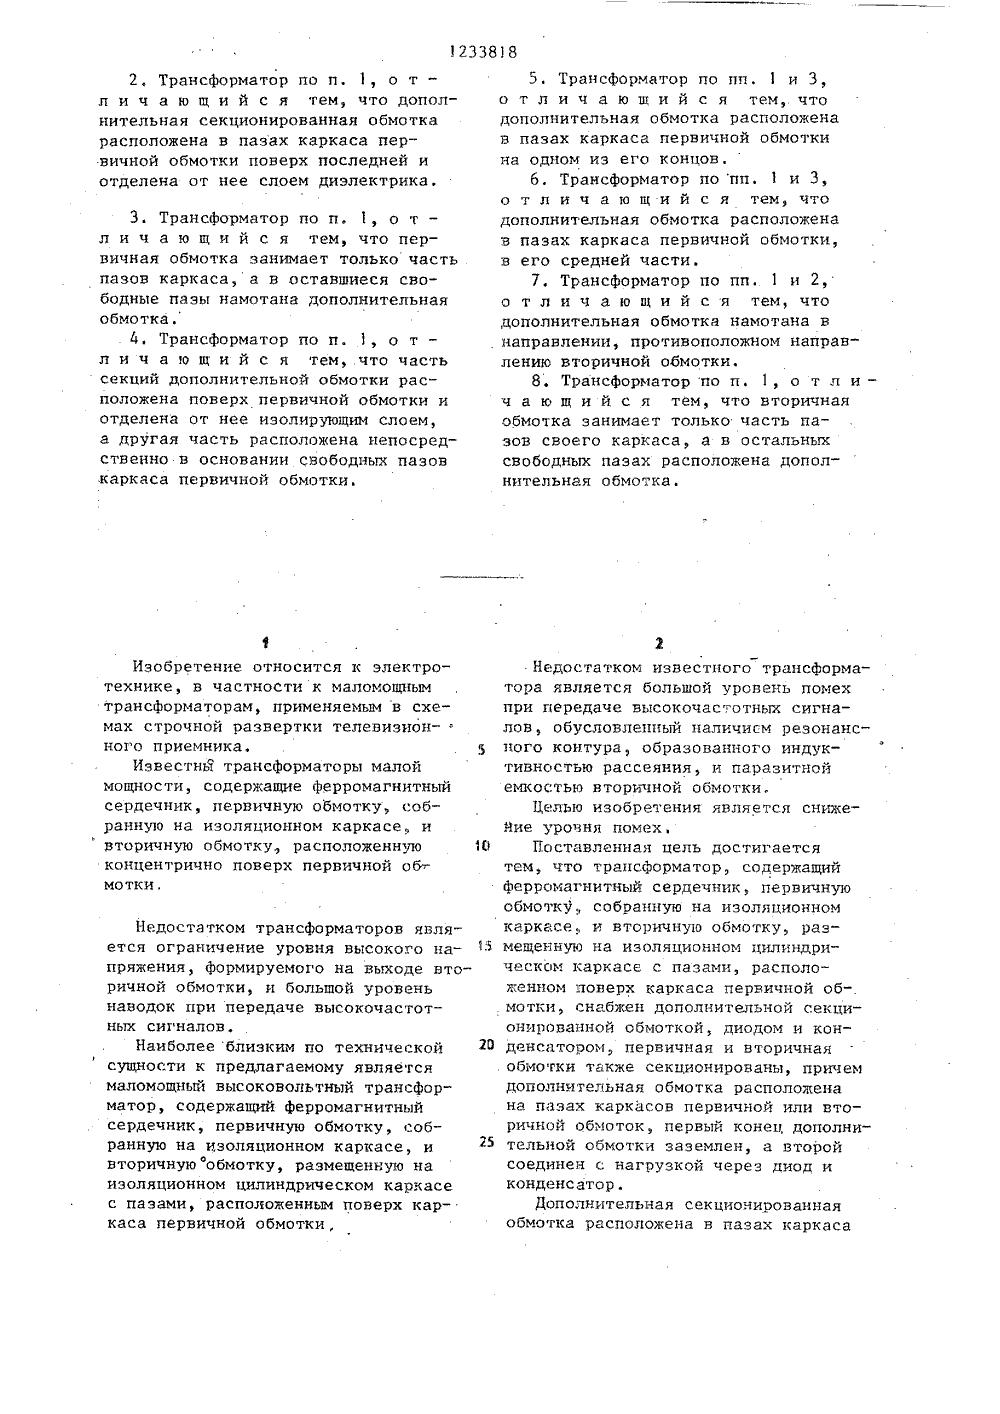 схема трансформатора строчной развертки